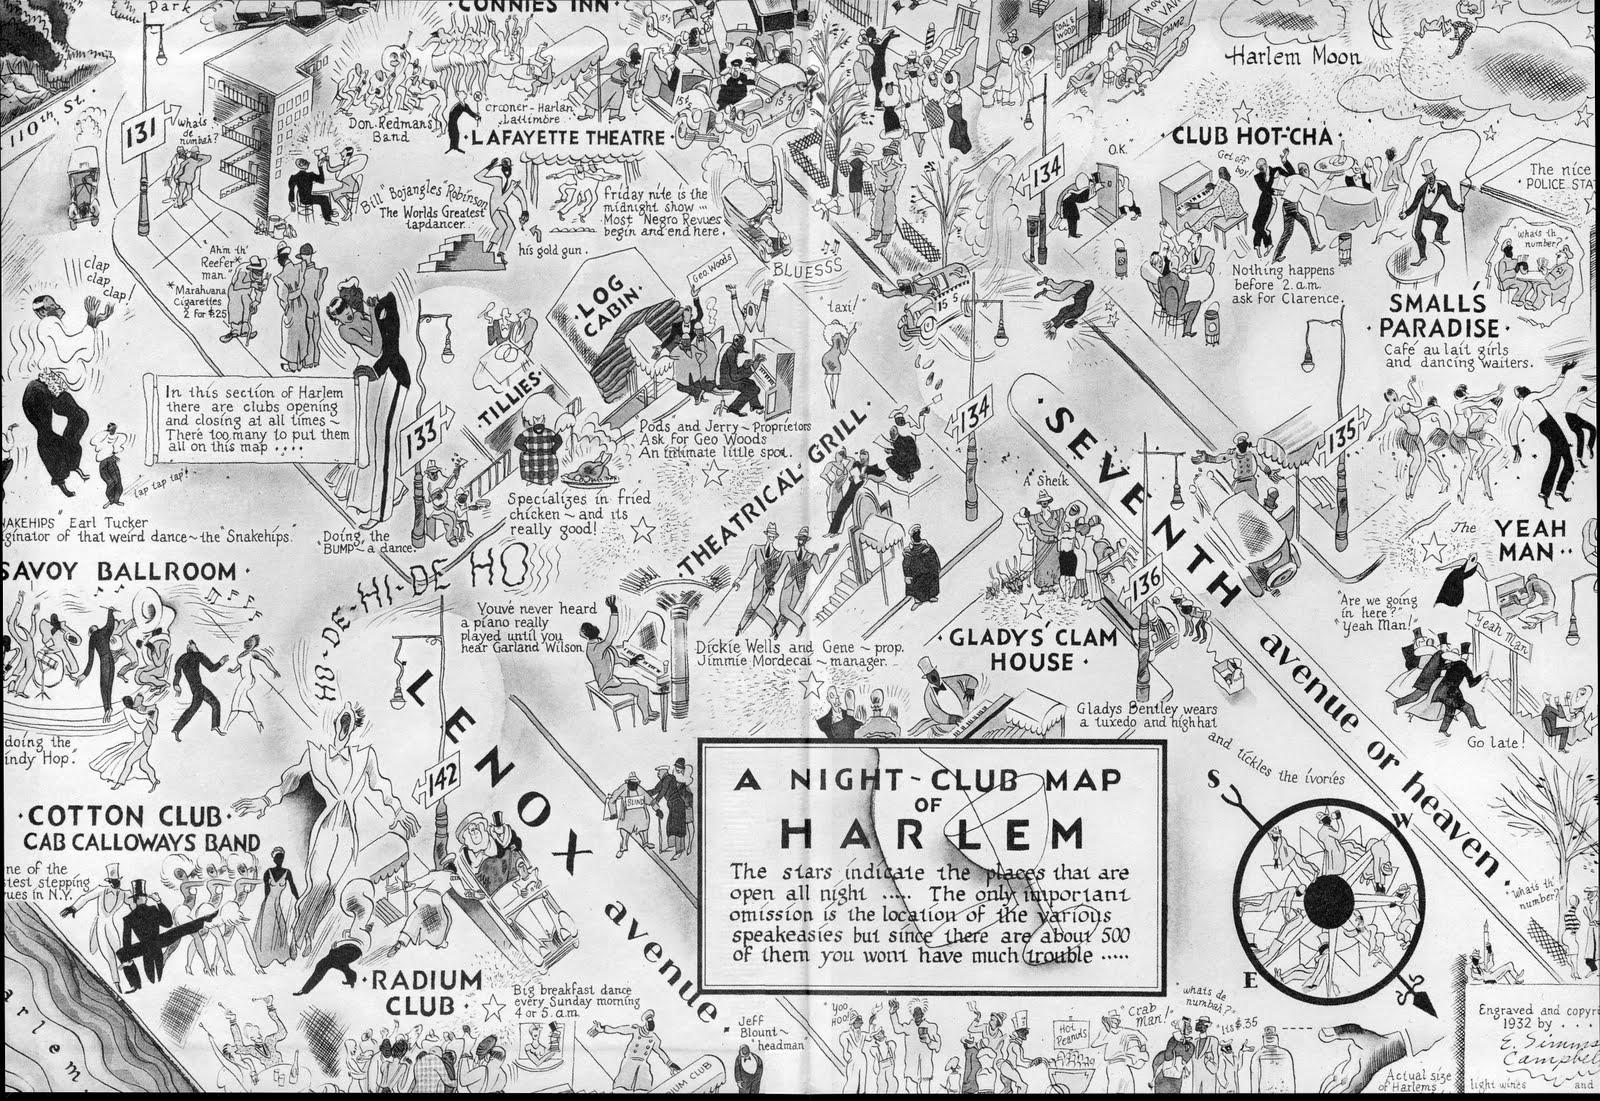 H A R L E M  B E S P O K E  REMEMBERThe 1932 Night Club Map